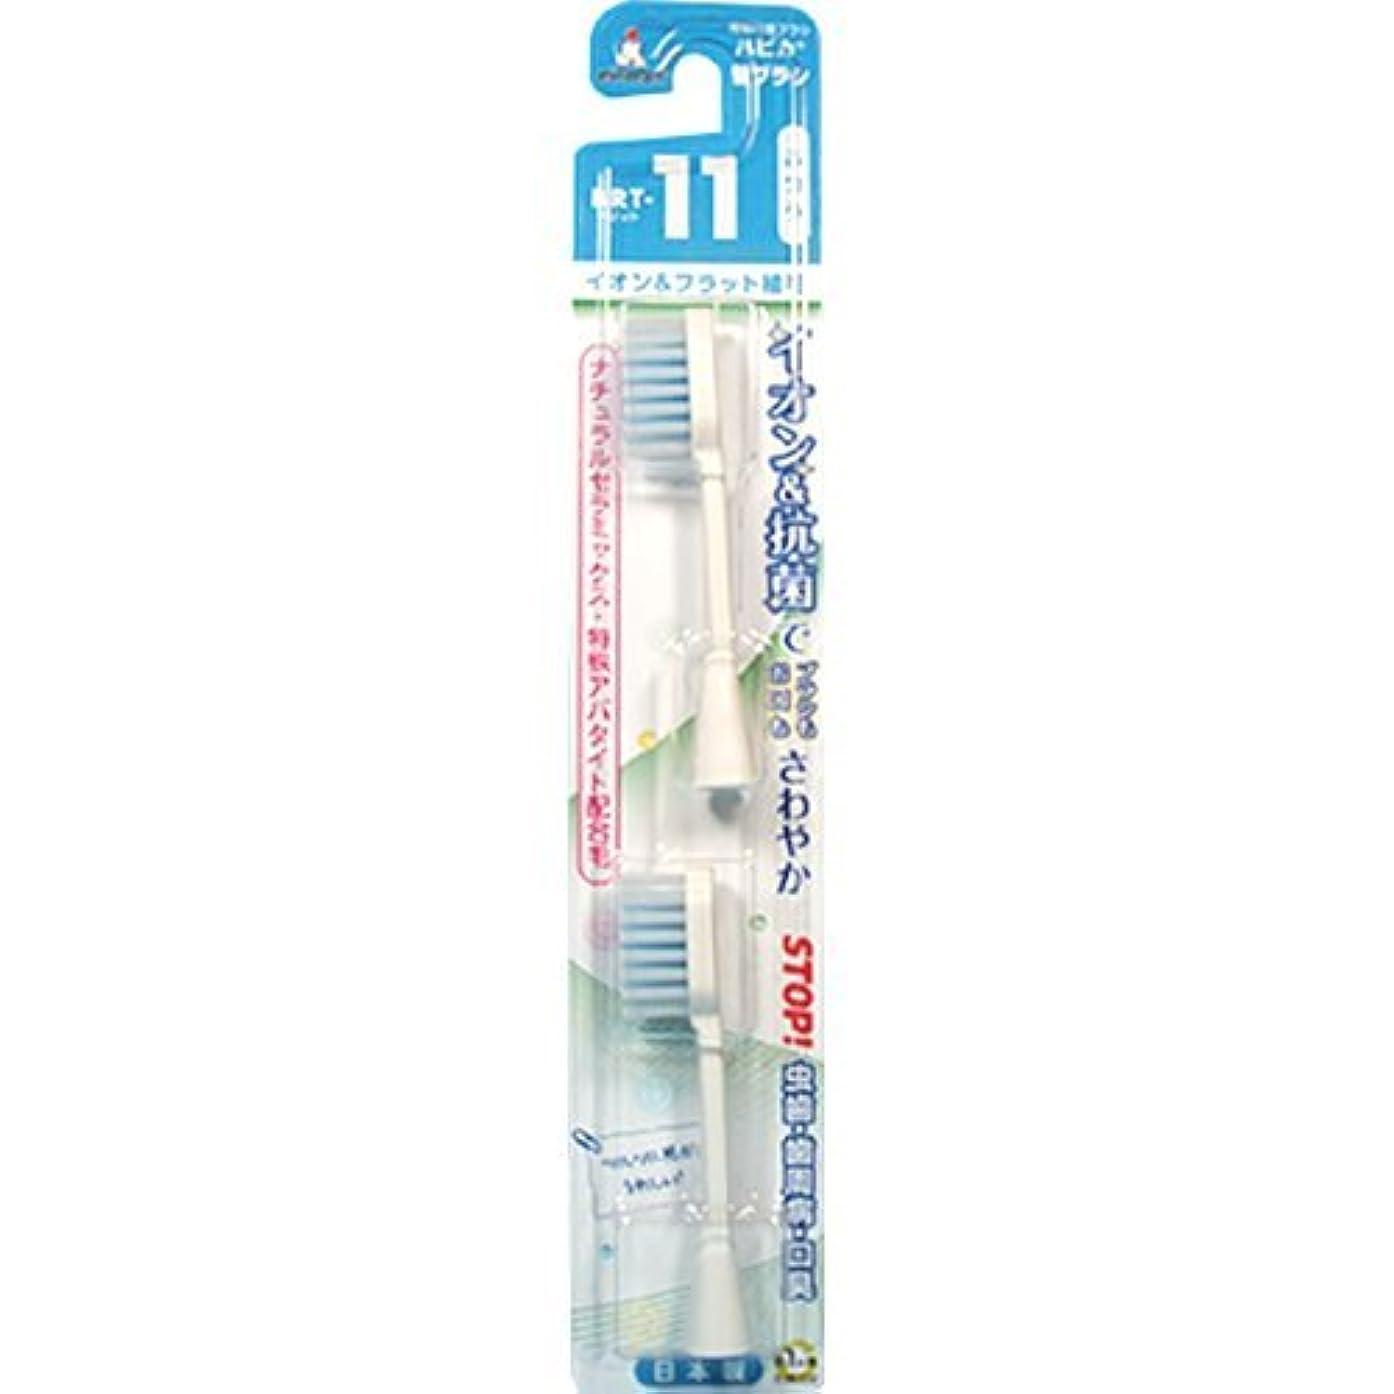 きらめきの間に遠えミニマム 電動付歯ブラシ ハピカ 専用替ブラシ イオン+フラット植毛 毛の硬さ:ふつう BRT-11 2個入